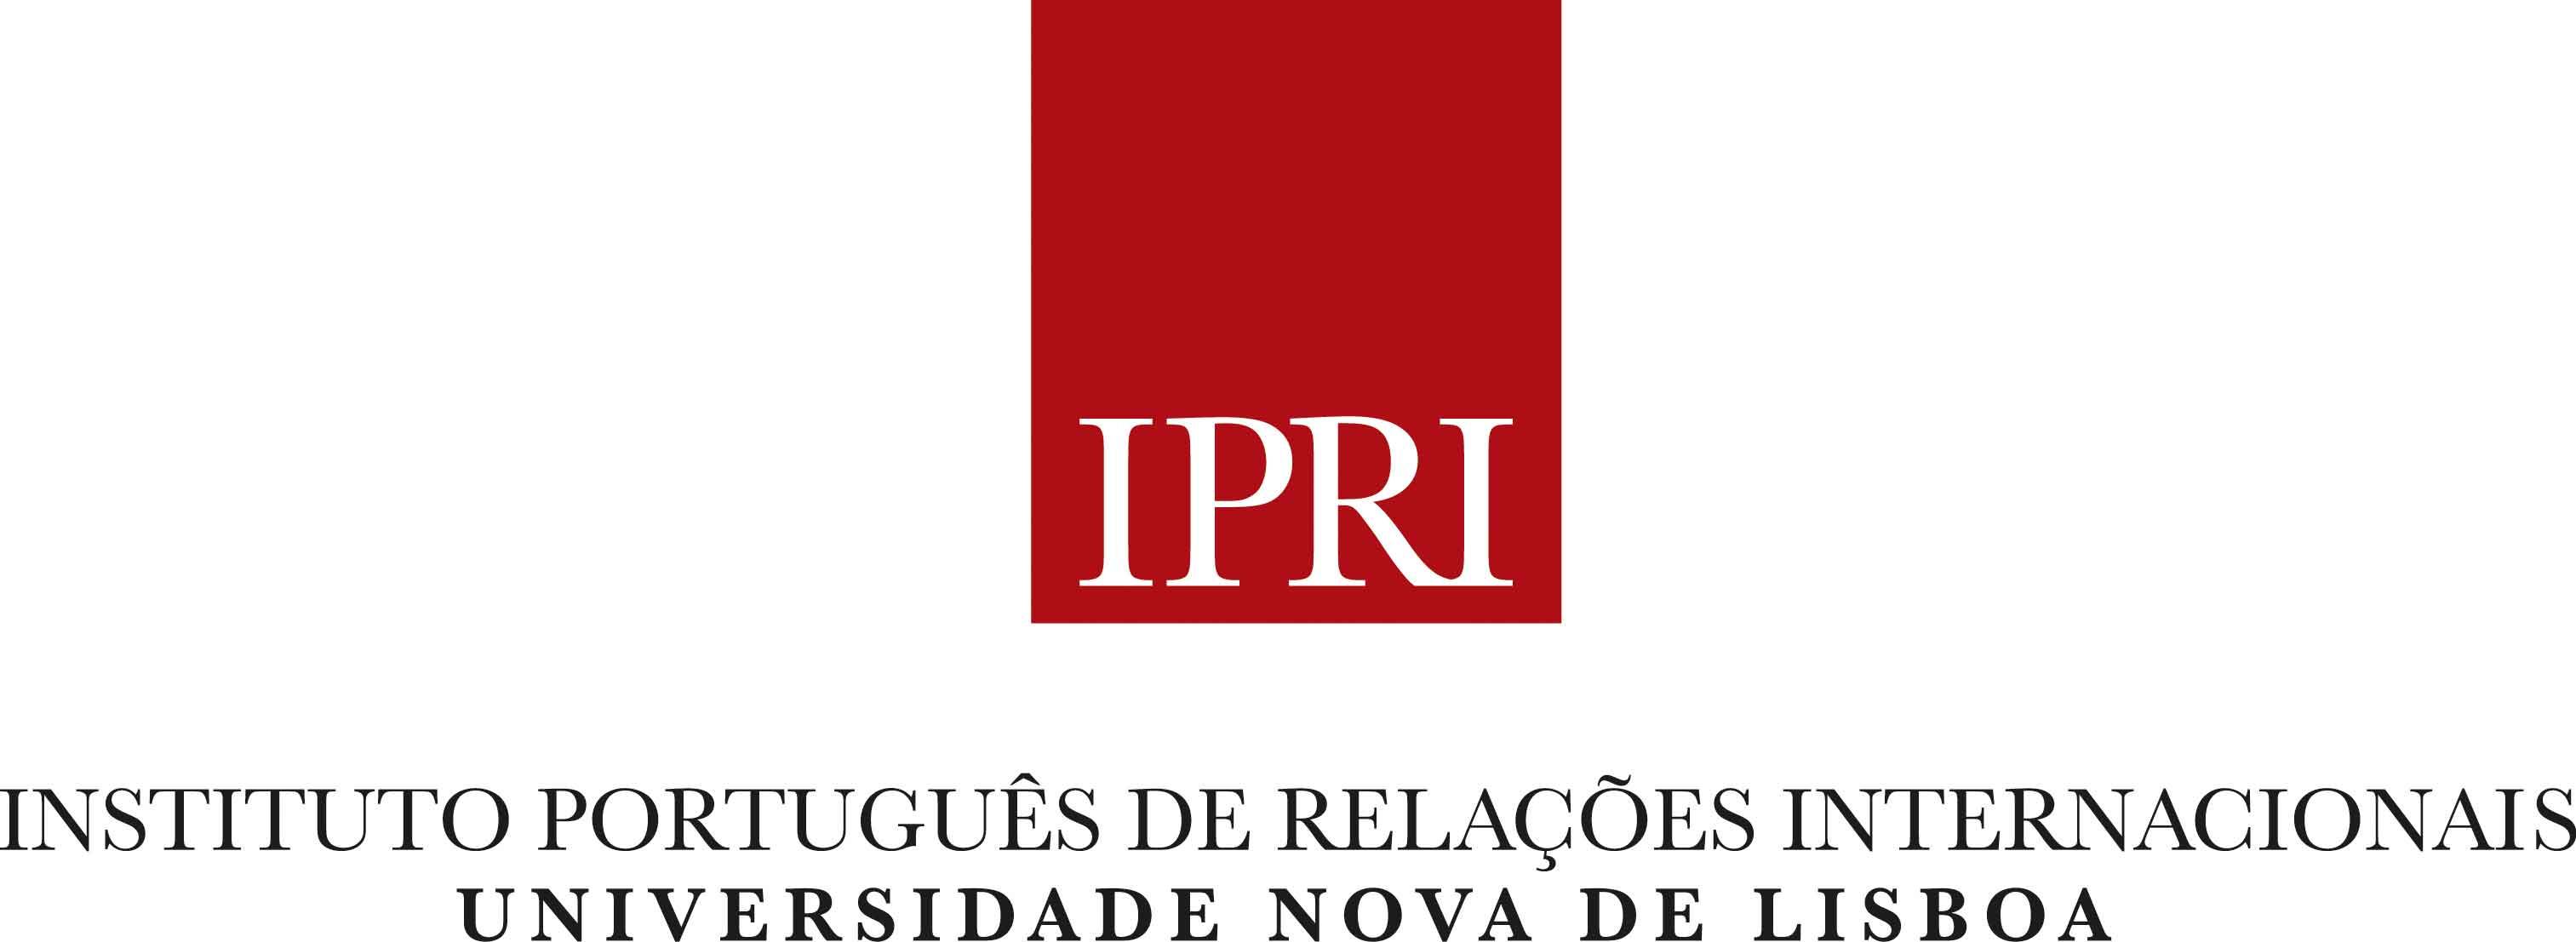 Instituto Português de Relações Internacionais